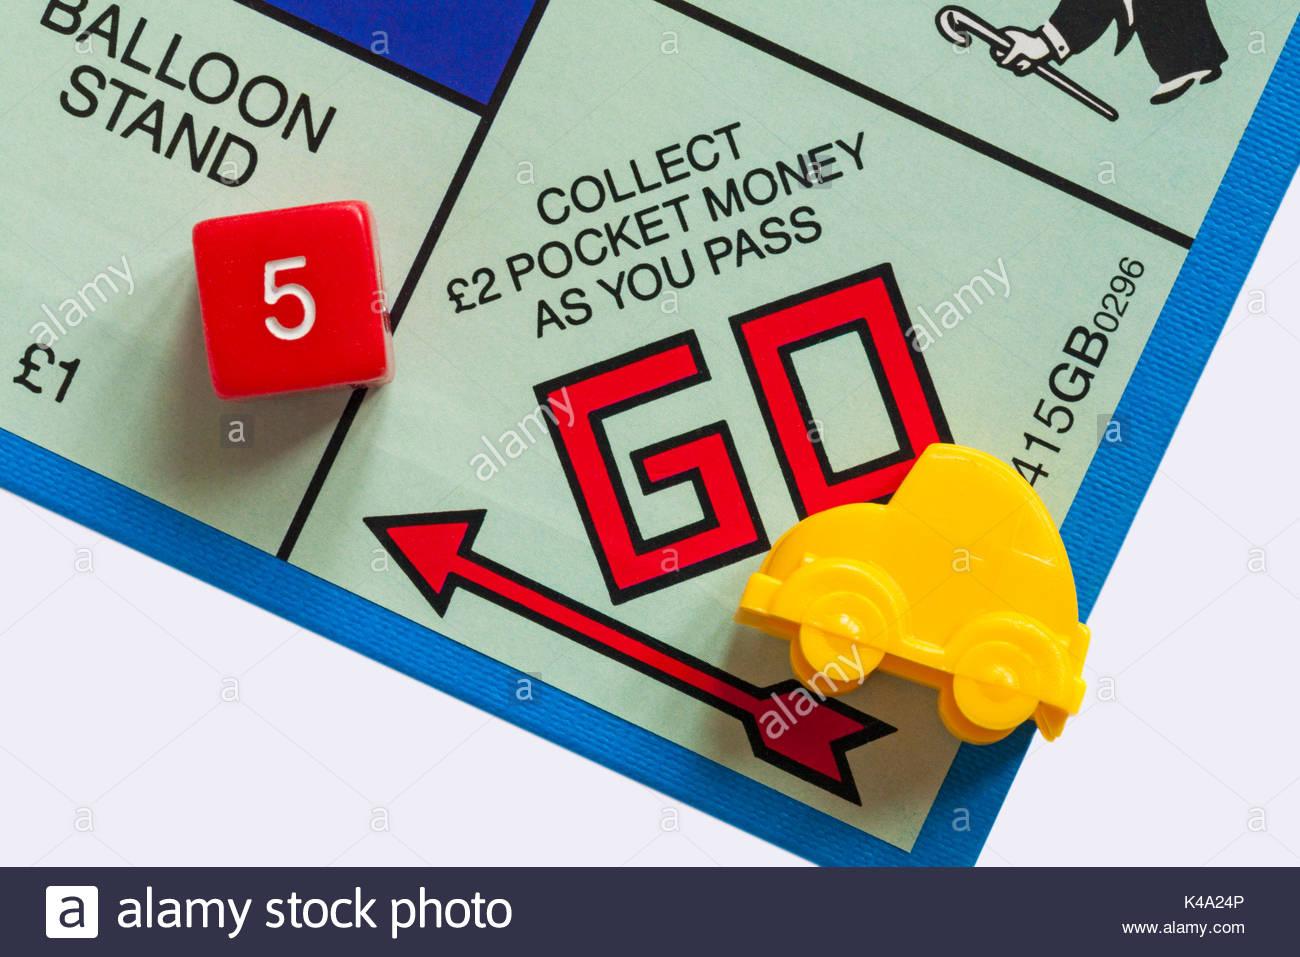 Jeu De Monopoly Junior - Détail De Voiture Jaune Jeton Sur destiné Jeux De Voiture Jaune